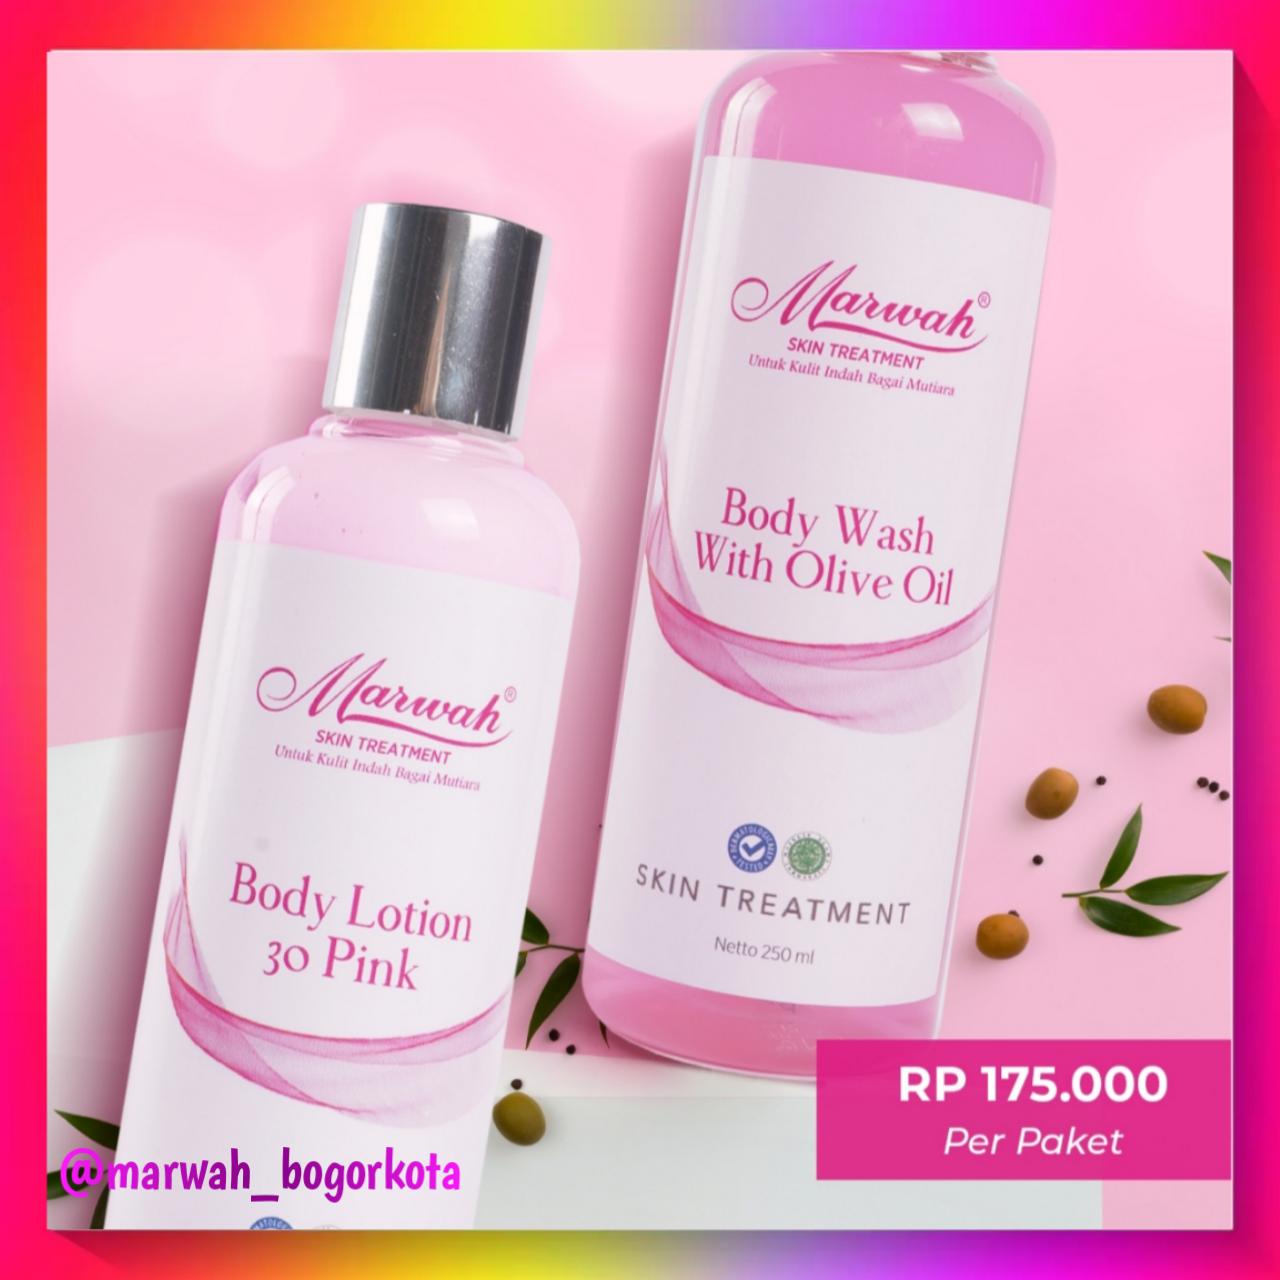 marwah body lotion & wash – lotion satu paket